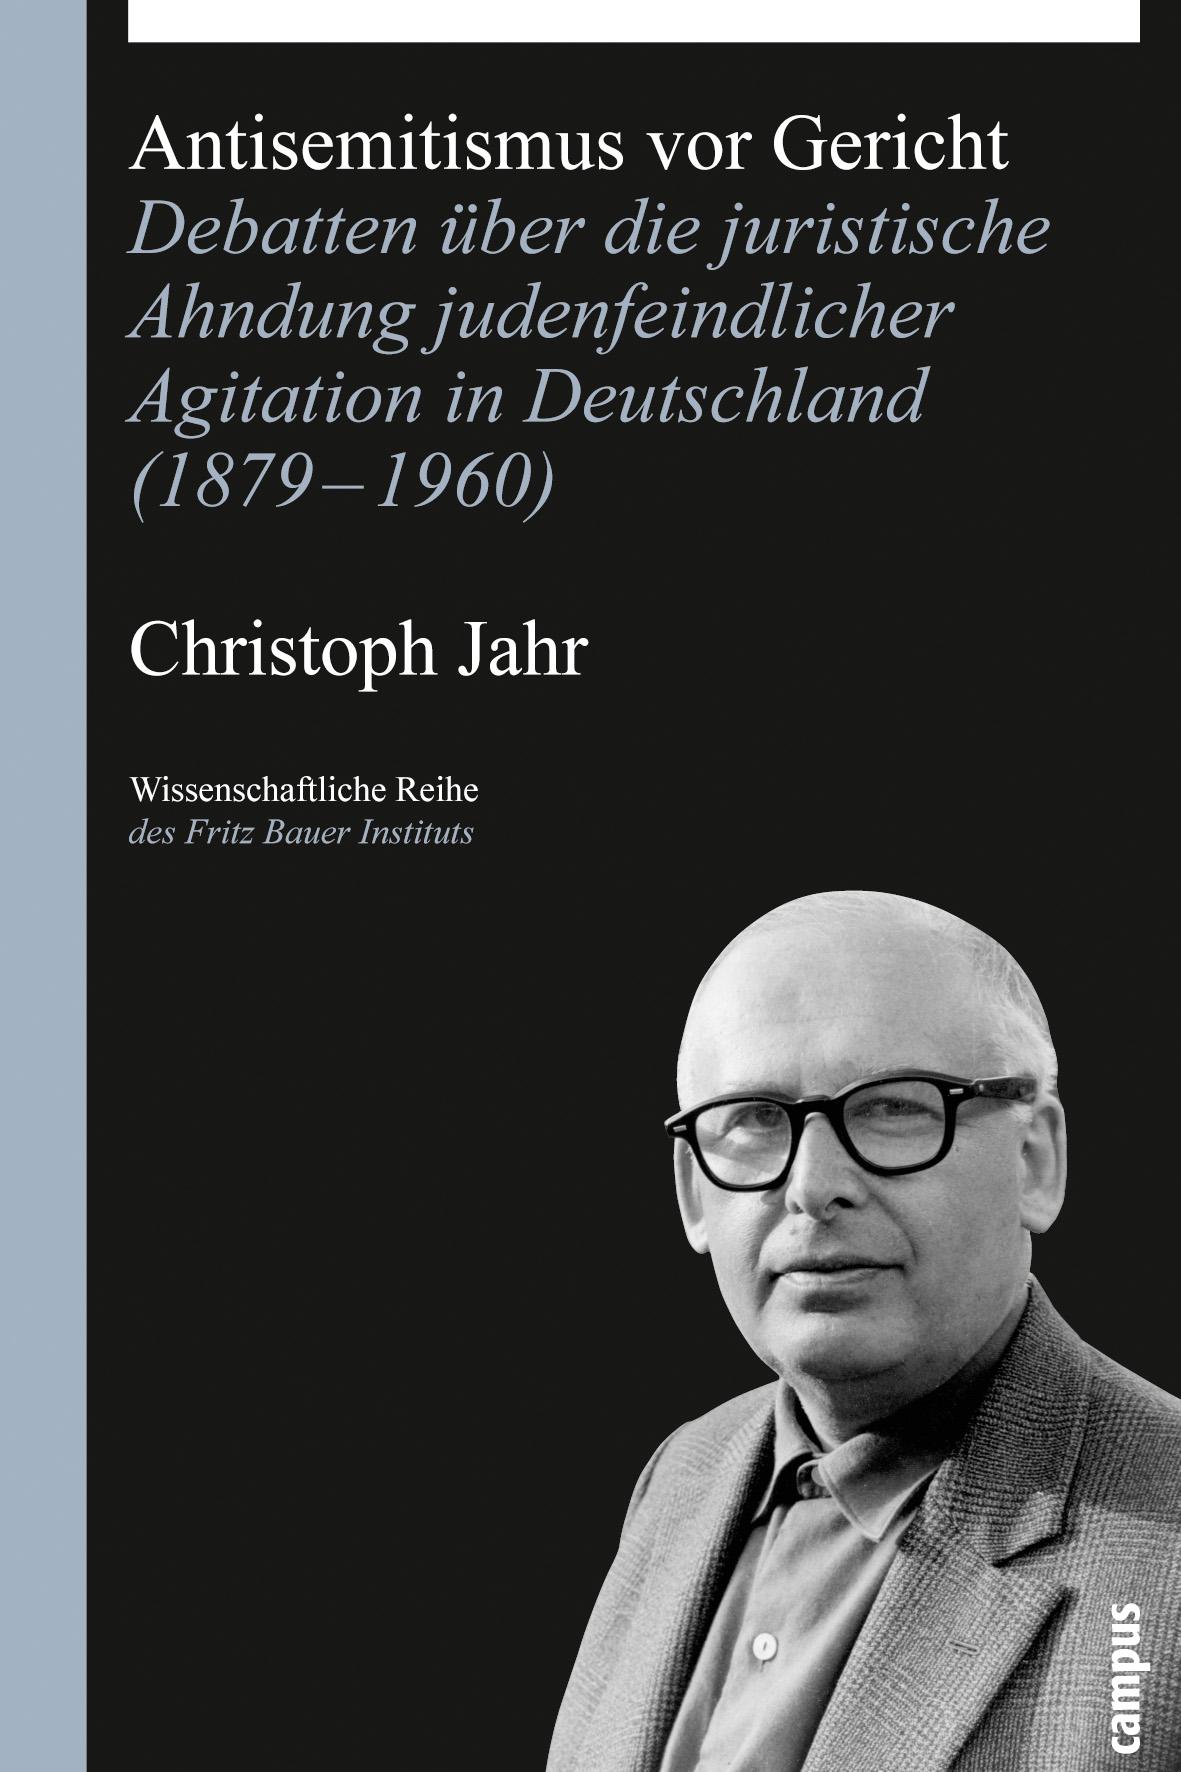 Antisemitismus vor Gericht - Christoph Jahr -  9783593390581